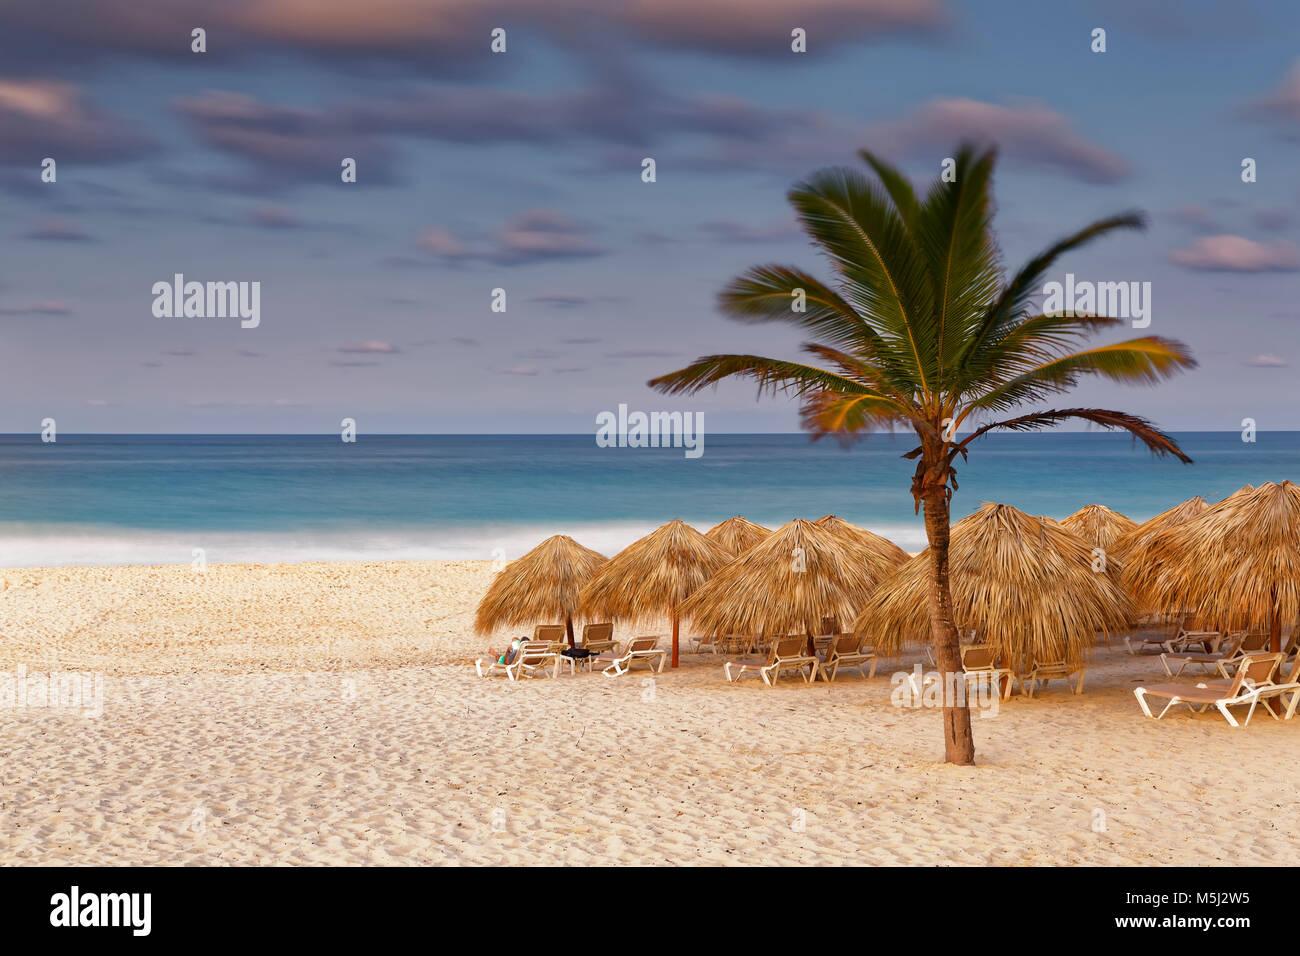 El Caribe, República Dominicana, Punta Cana, Playa Bavaro, playa en el atardecer. Imagen De Stock